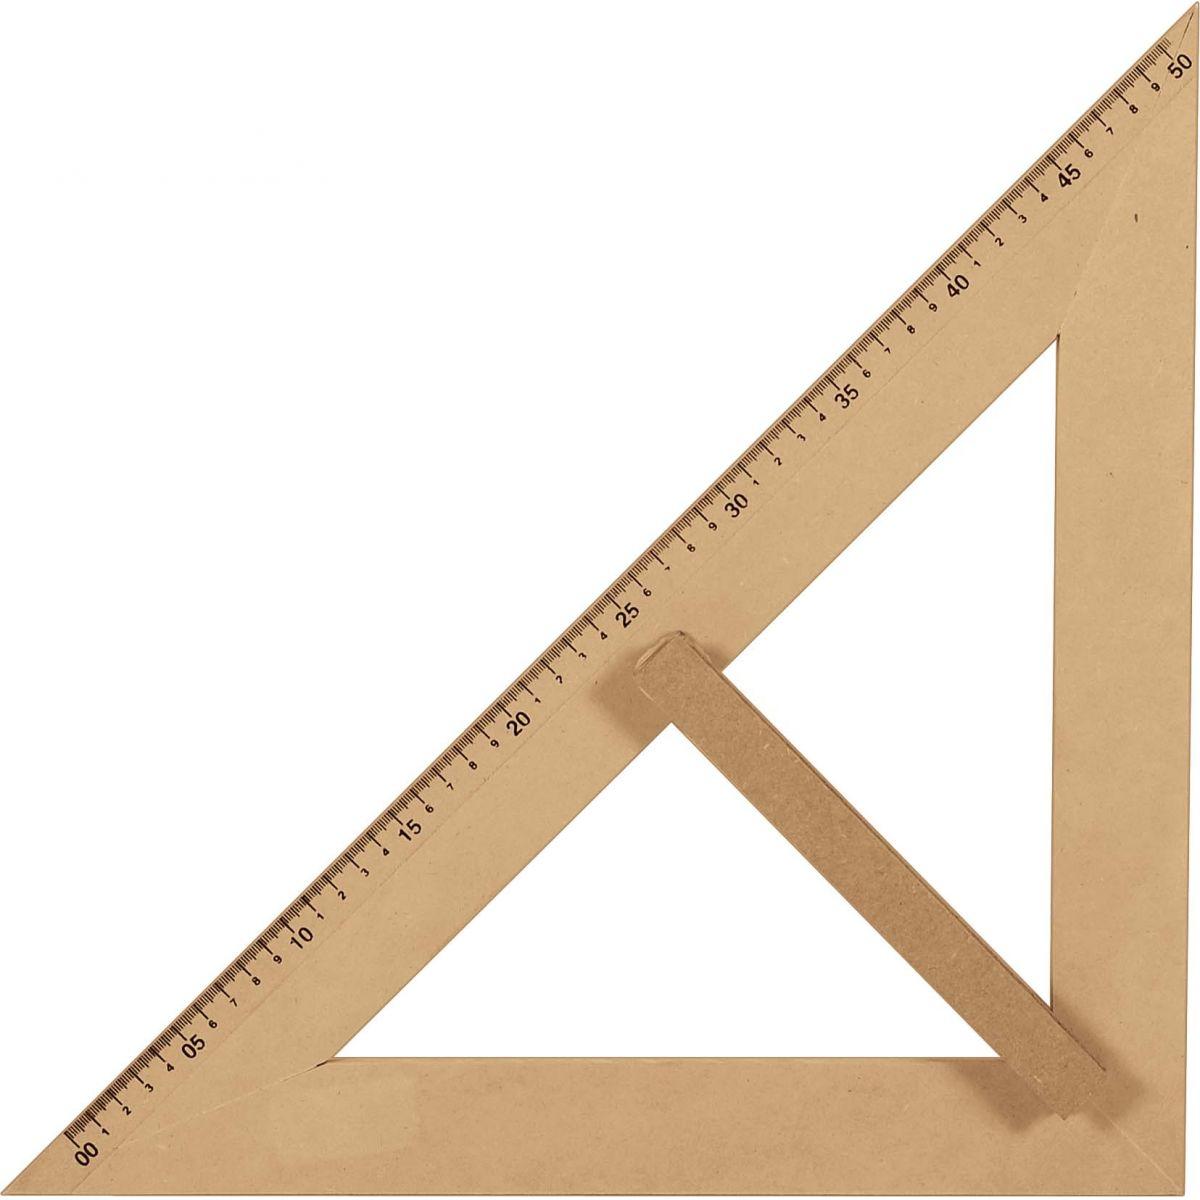 Esquadro de Madeira Em MDF 45° Graus Escala de 50 cm Referência 2934 Souza